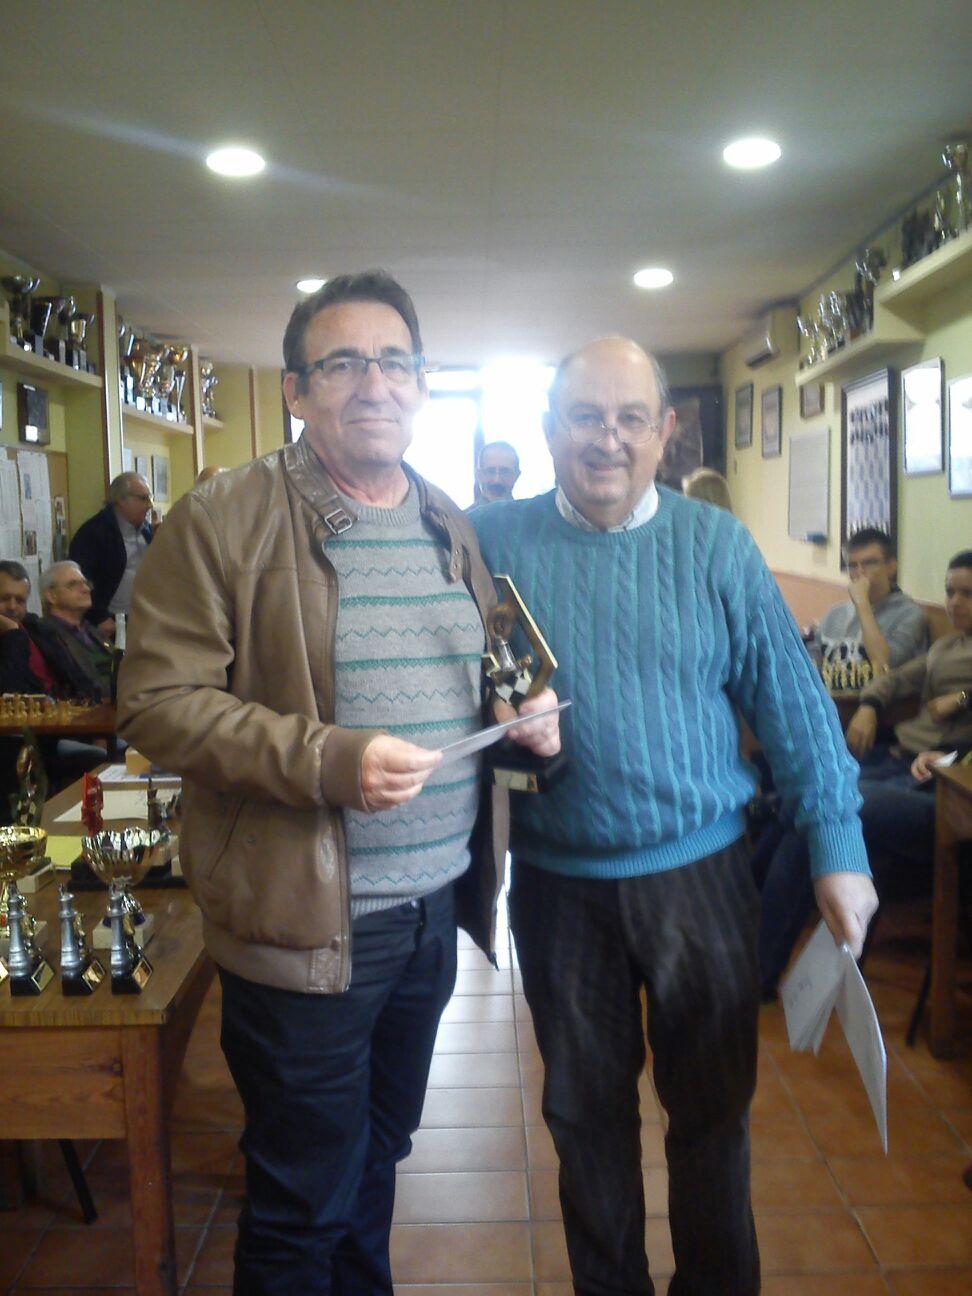 Primers trofeus individuals de jugadors de la Penya